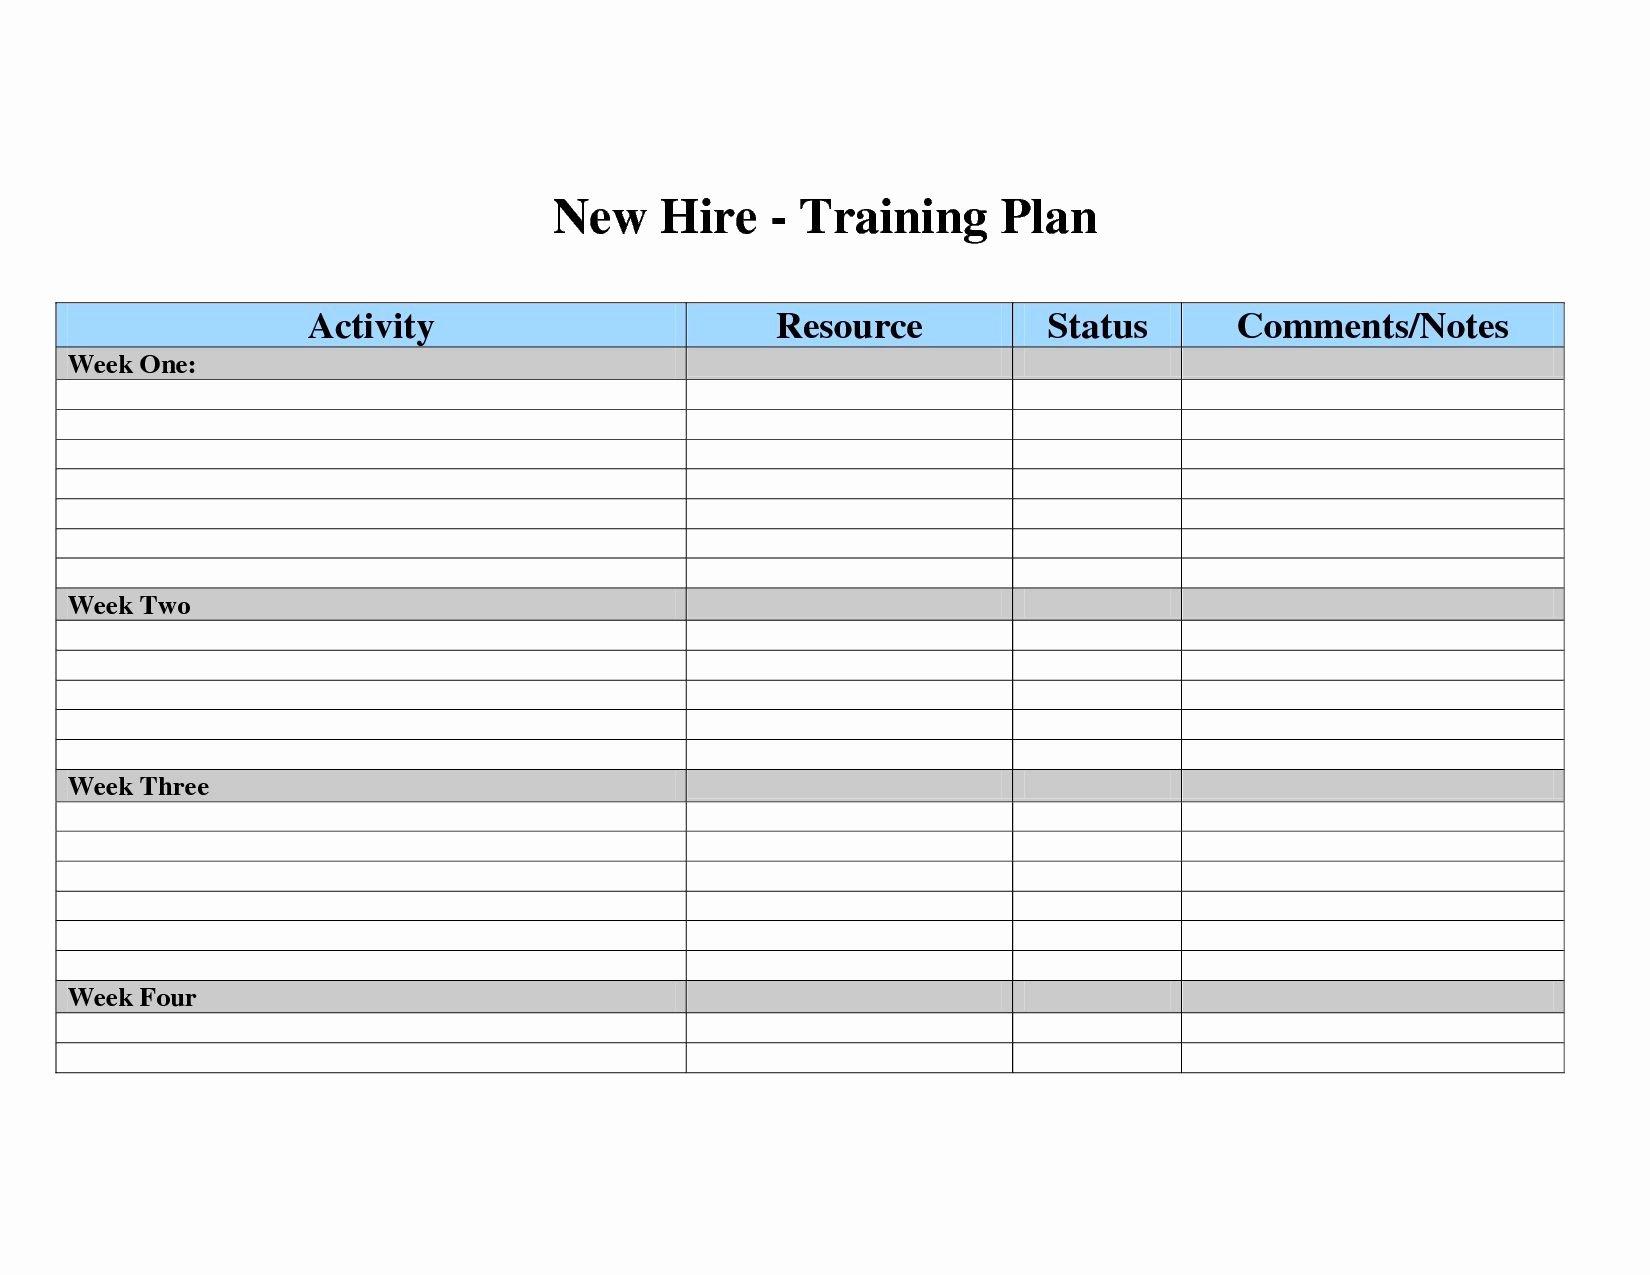 Training Matrix Template Free Excel Elegant Free Employee Training Matrix Template Excel New Employee